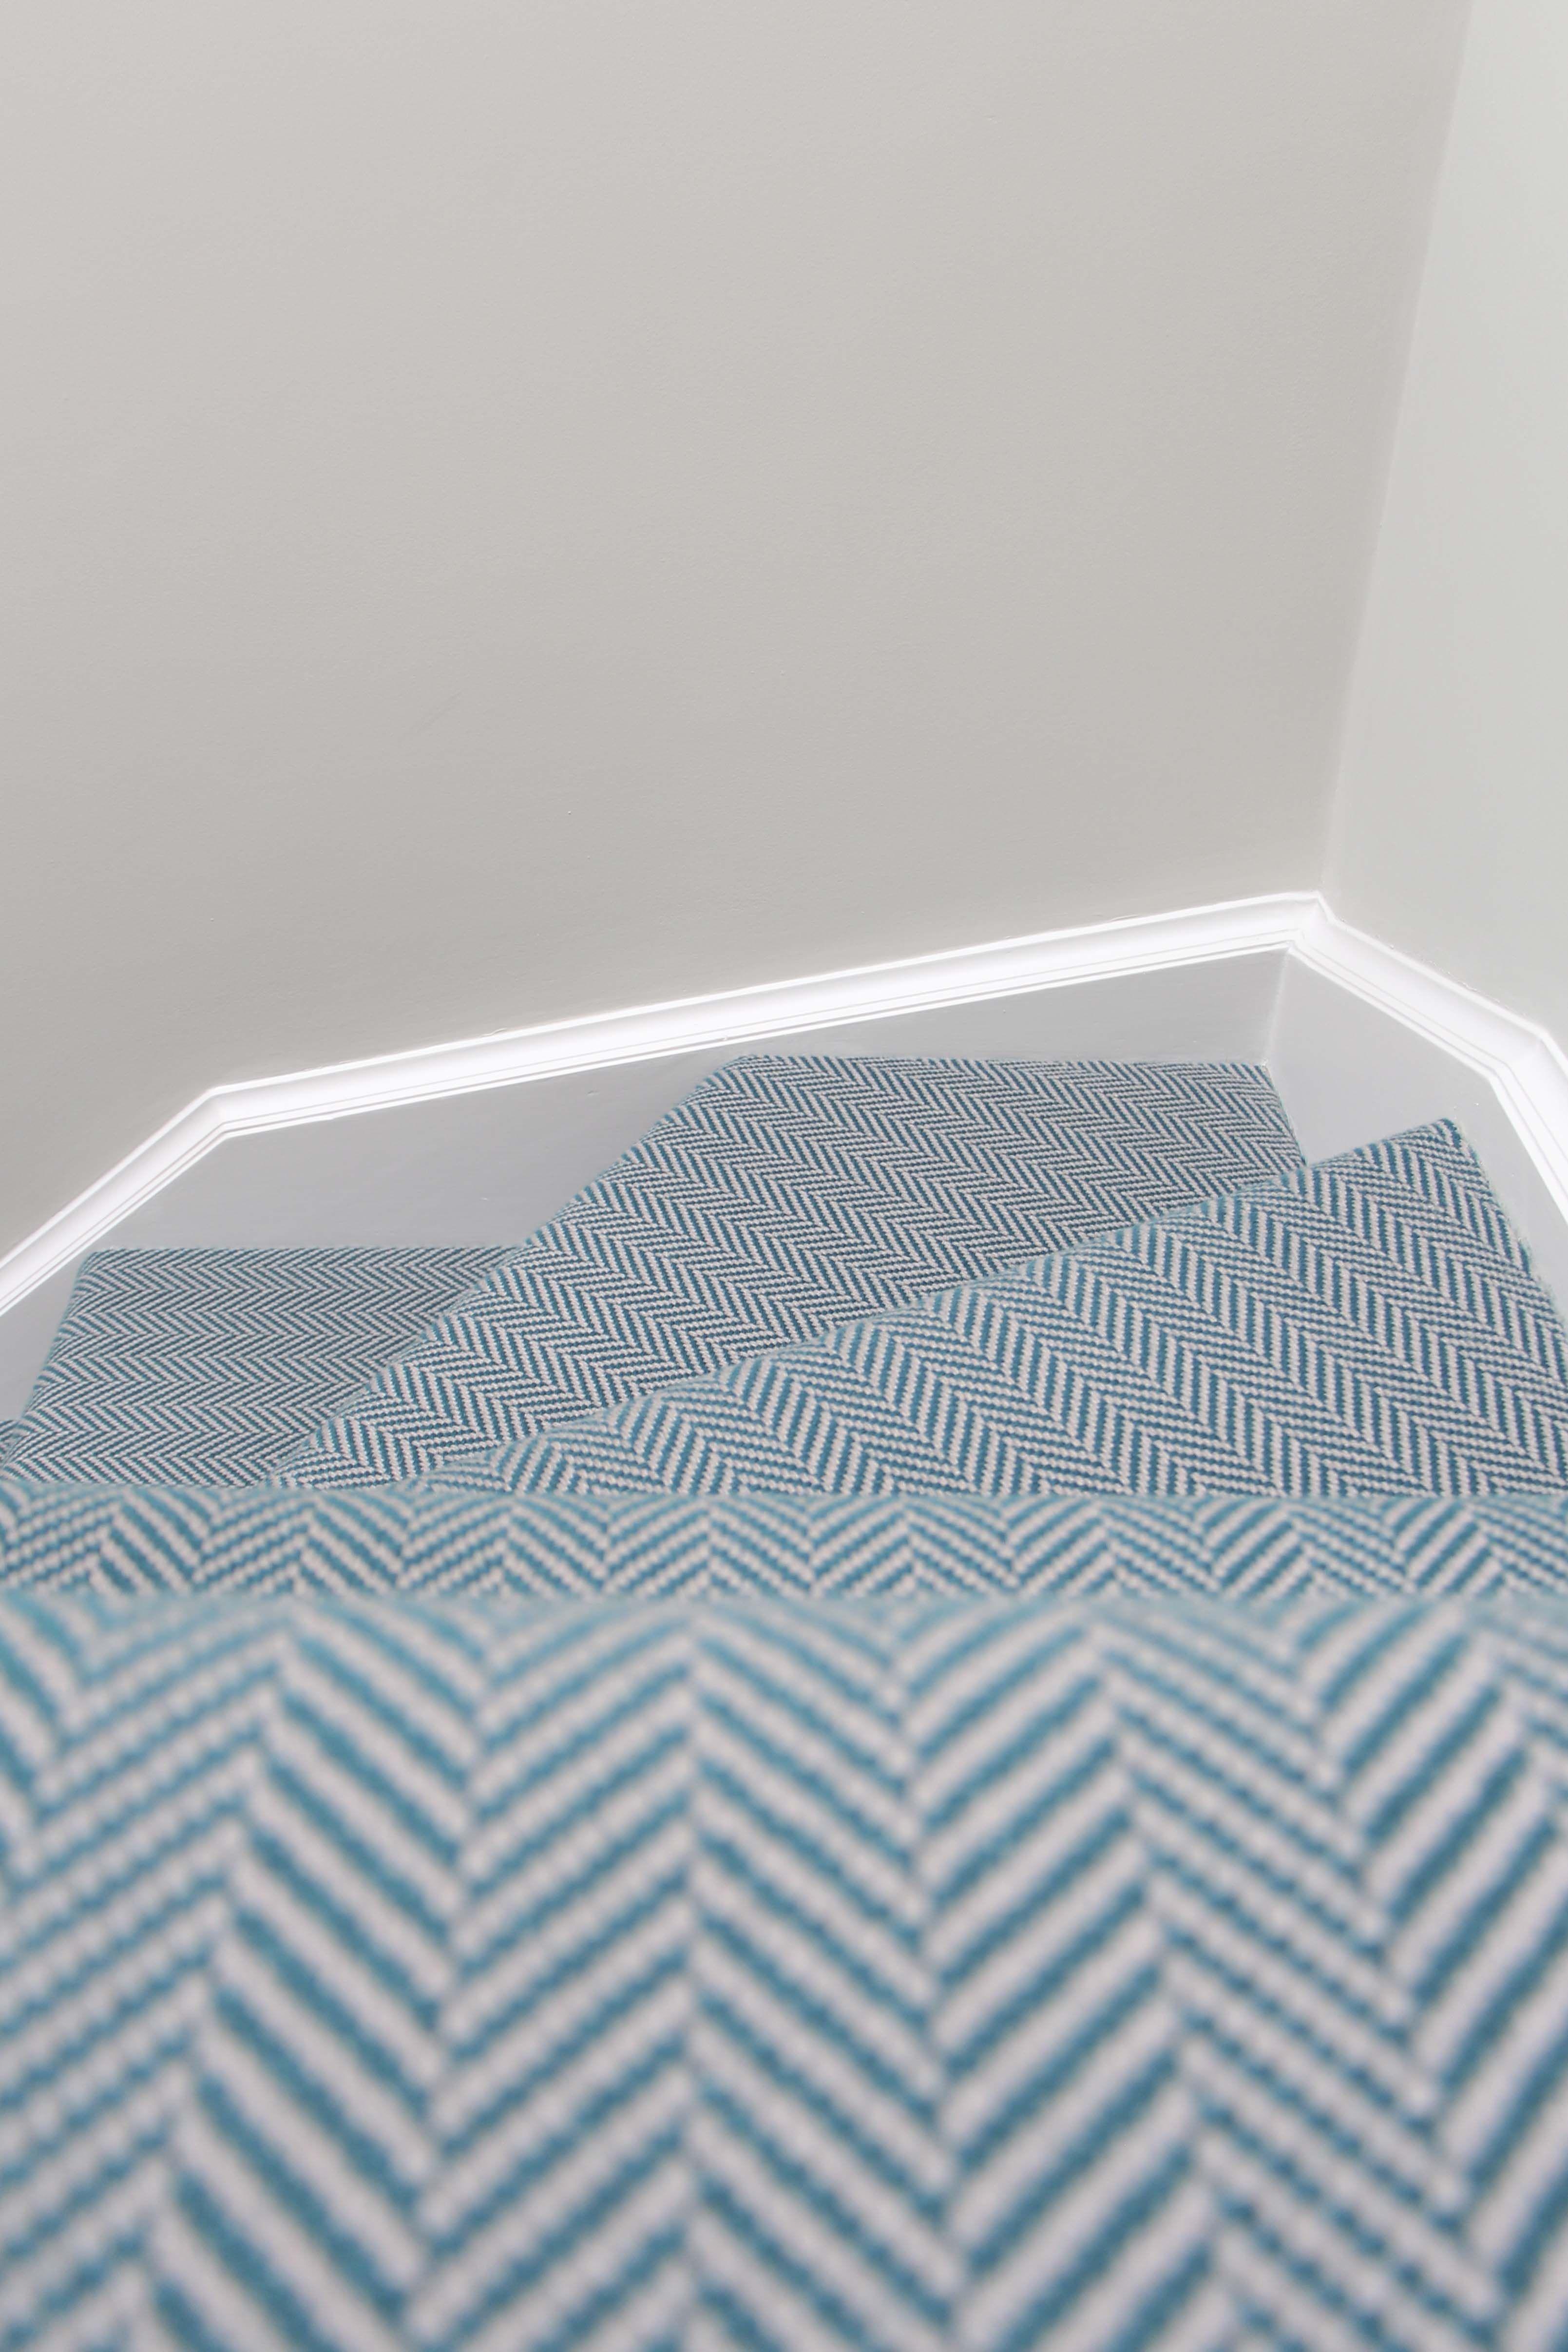 Hartley Tissier Herringbone Flatweave Runner In Teal And Grey Simply Stunning Hartleytissier Hartle Stair Runner Carpet Blue Carpet Bedroom Carpet Stairs